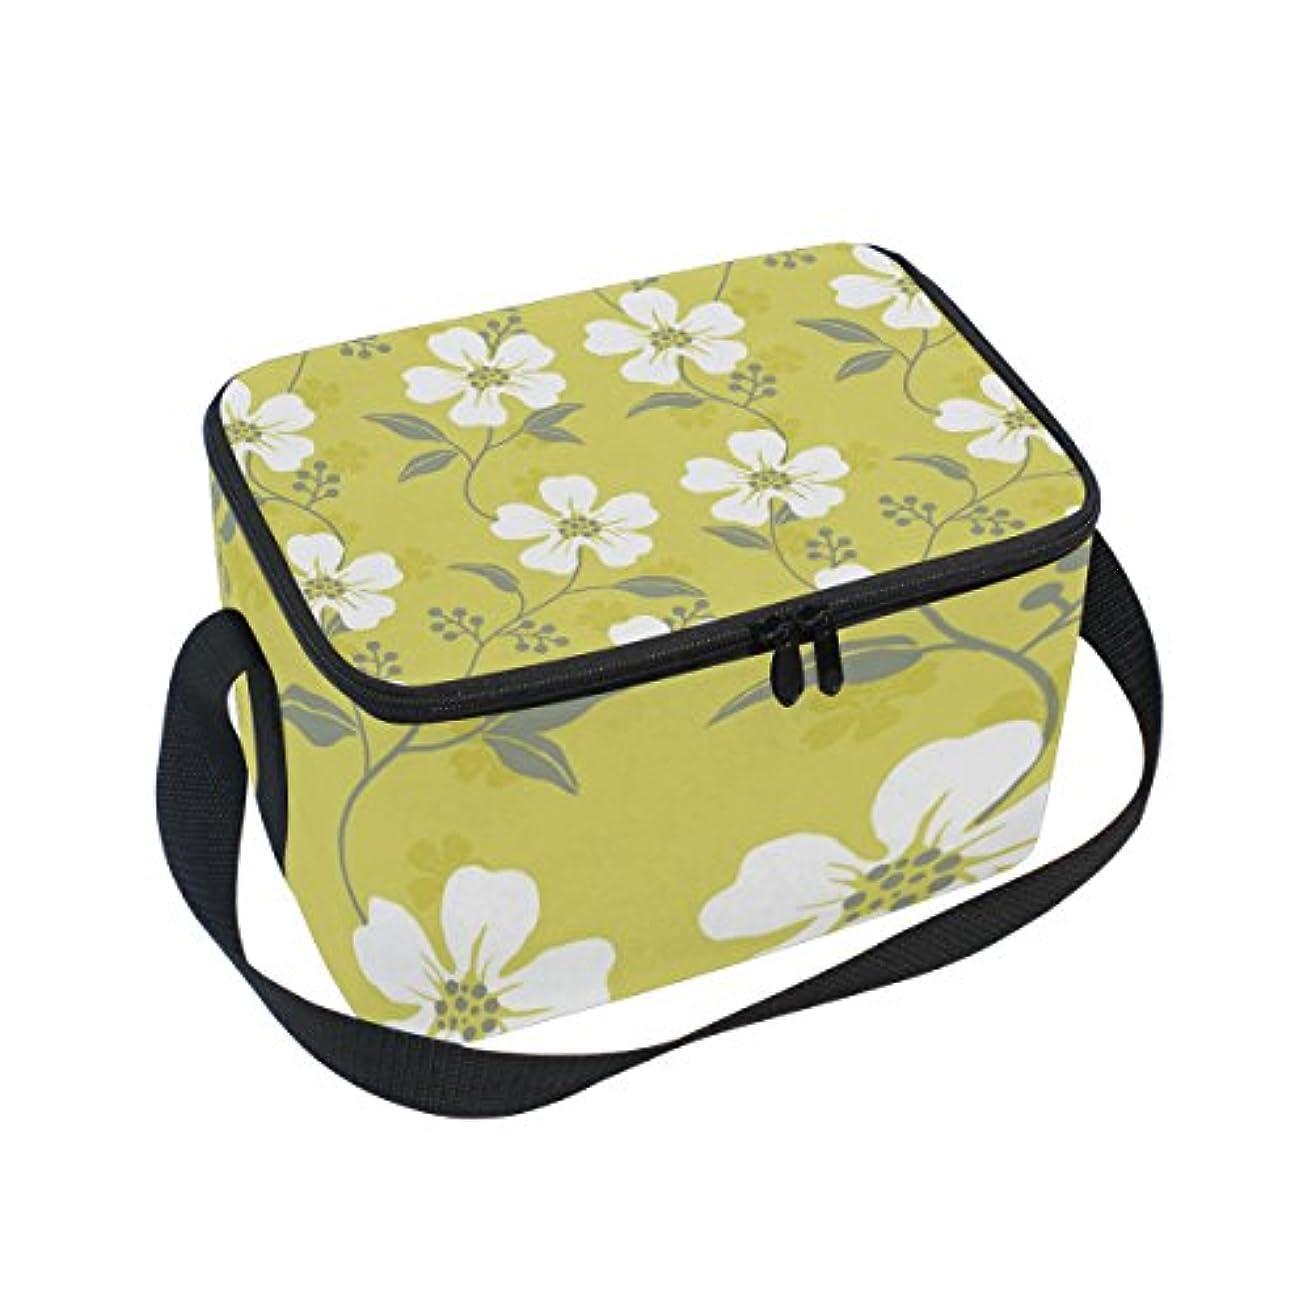 パケットスマイル頼るクーラーバッグ クーラーボックス ソフトクーラ 冷蔵ボックス キャンプ用品 白い小花柄 保冷保温 大容量 肩掛け お花見 アウトドア